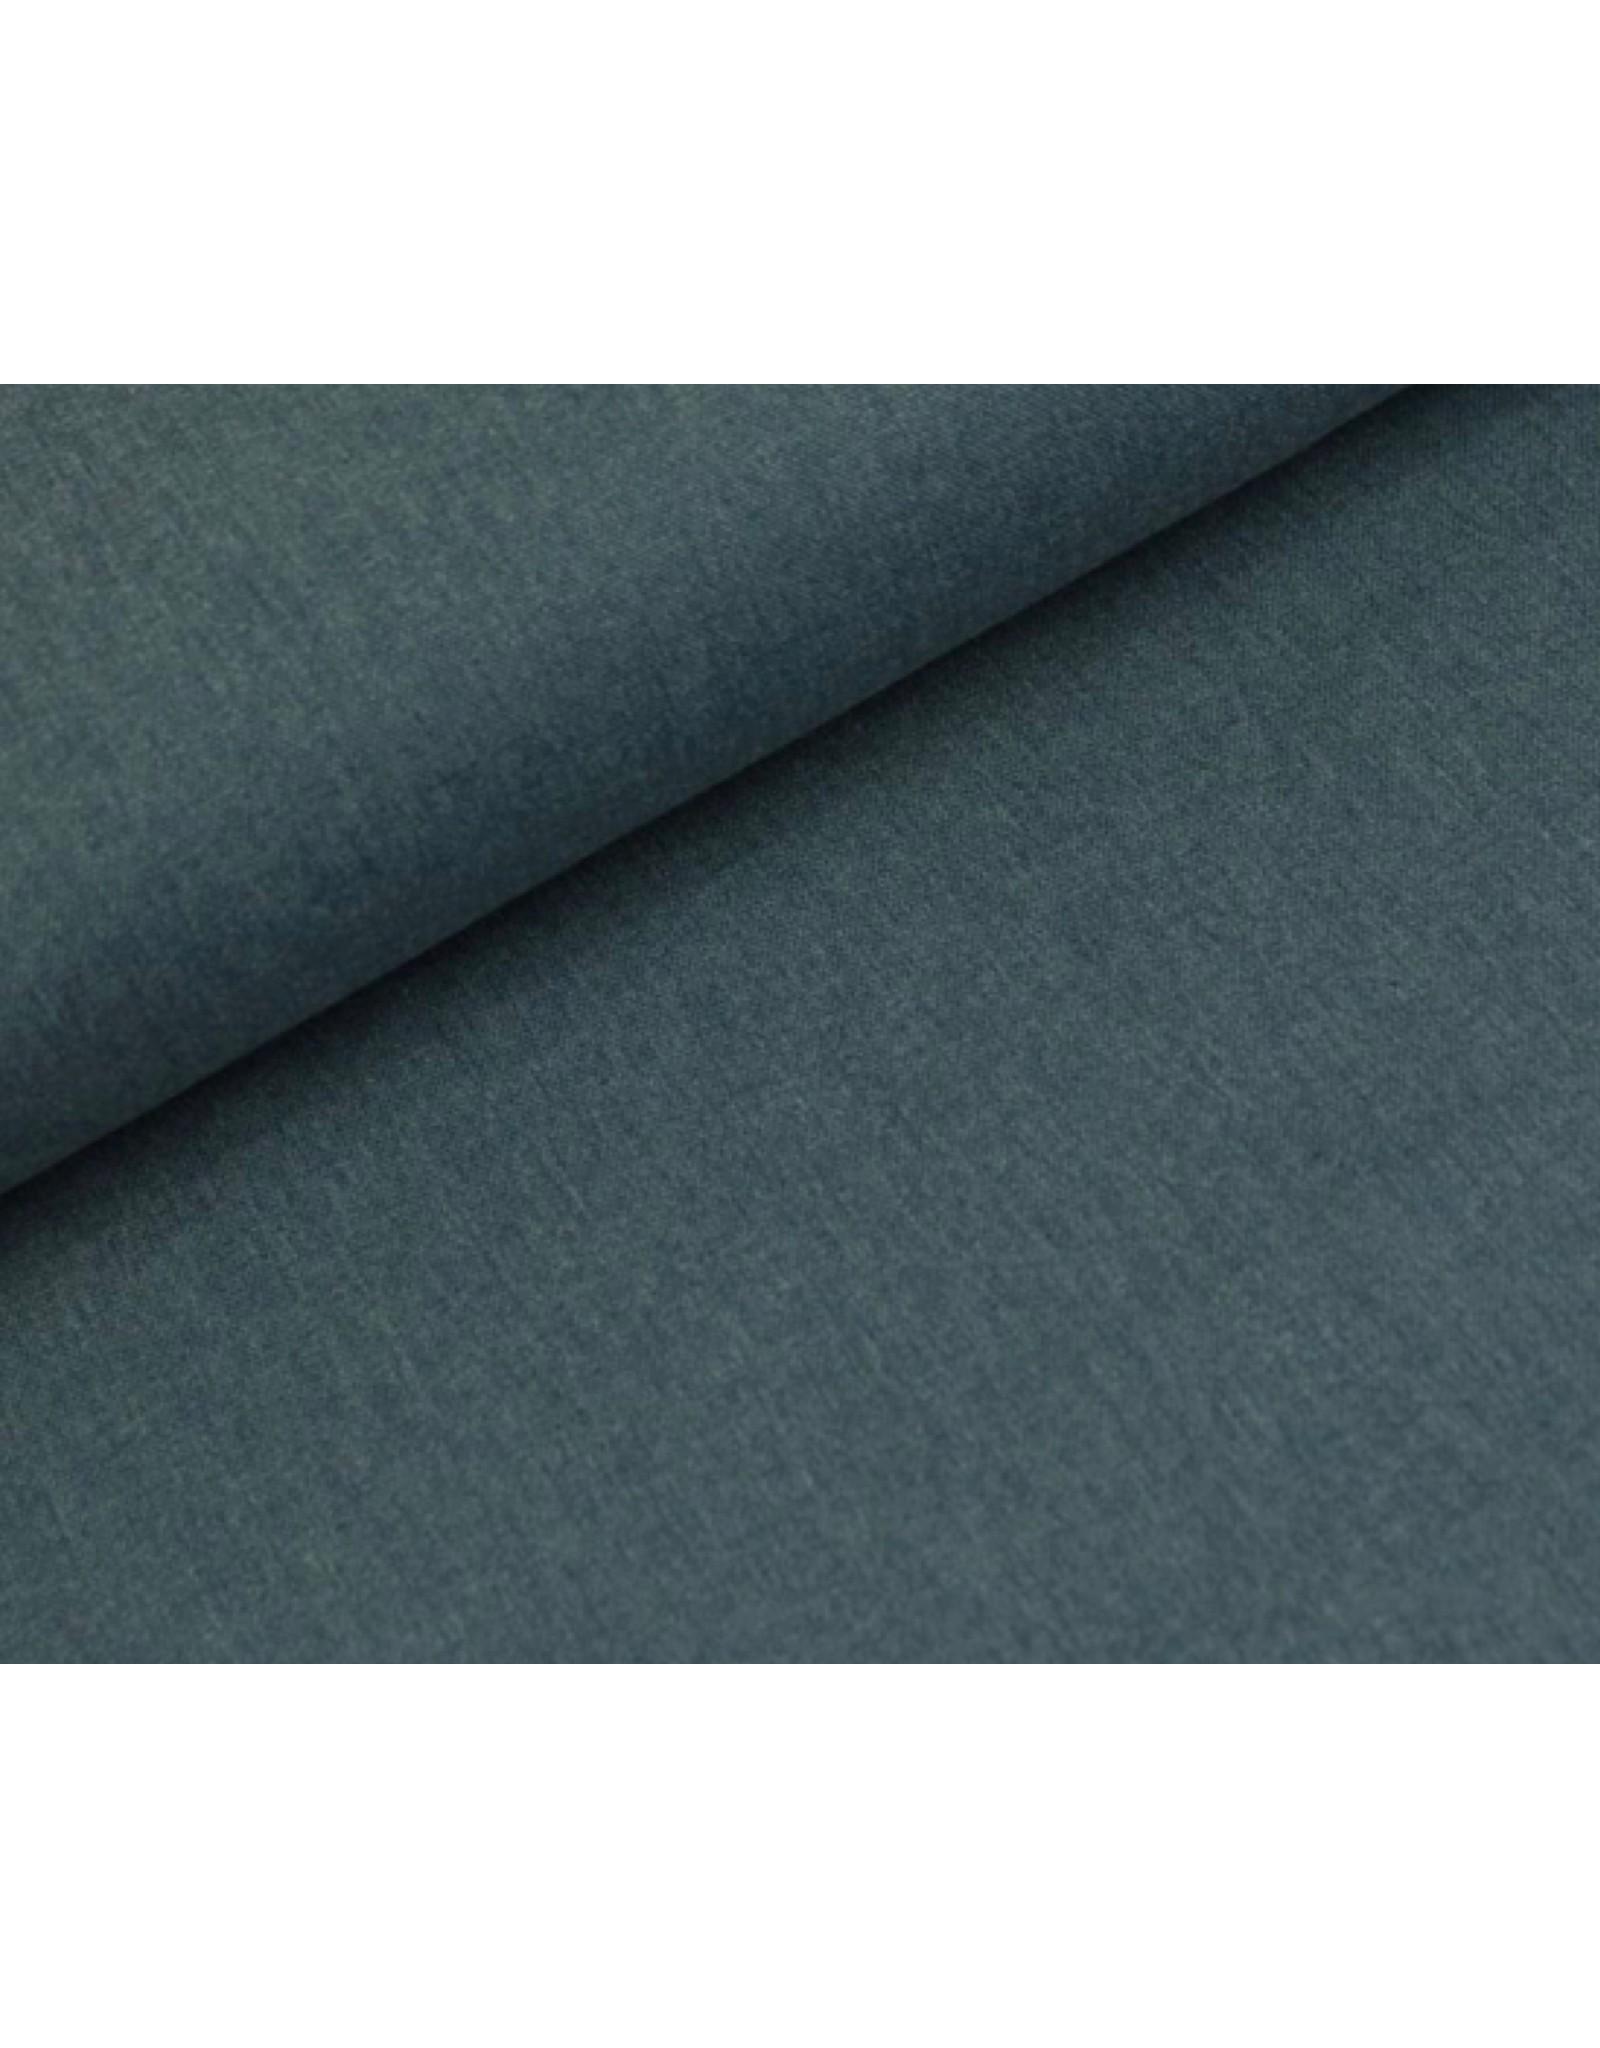 Kanvas stoff Jeans melange